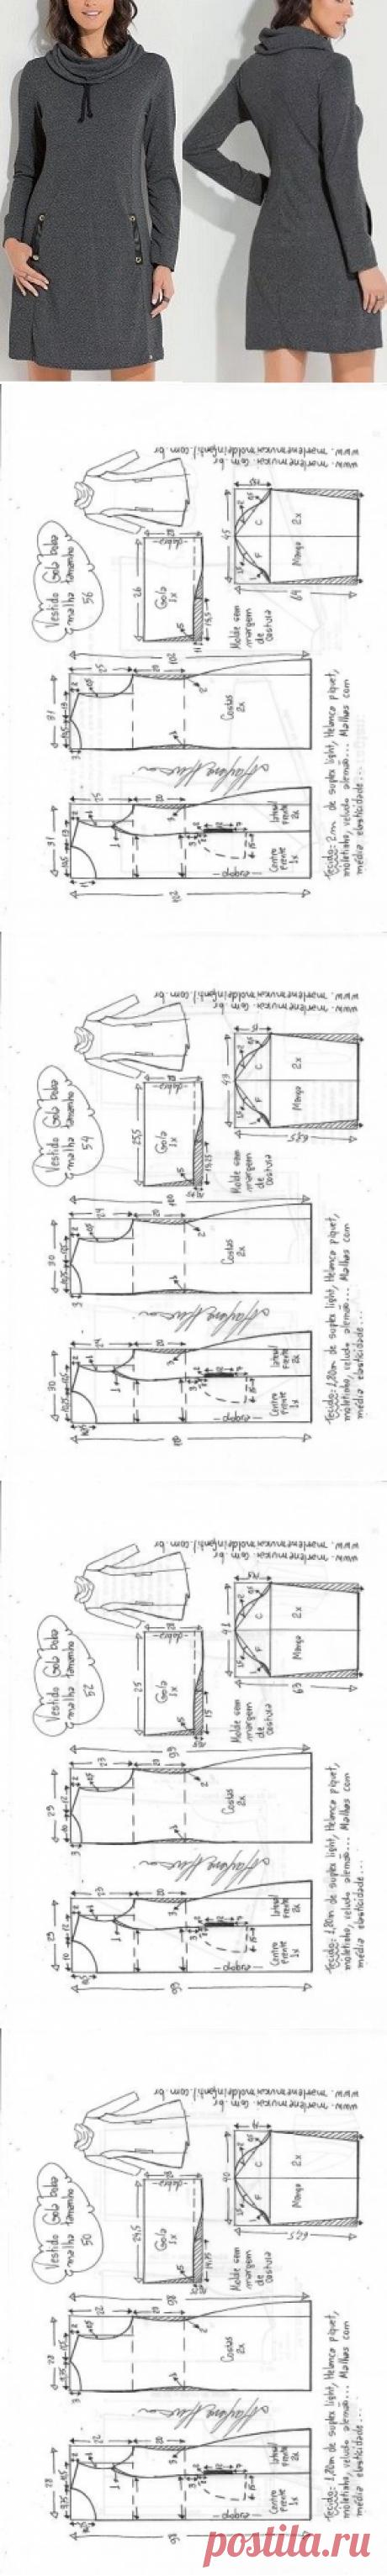 Шелковый воротник для трикотажа - DIY - плесень, порез и шов - Marlene Mukai